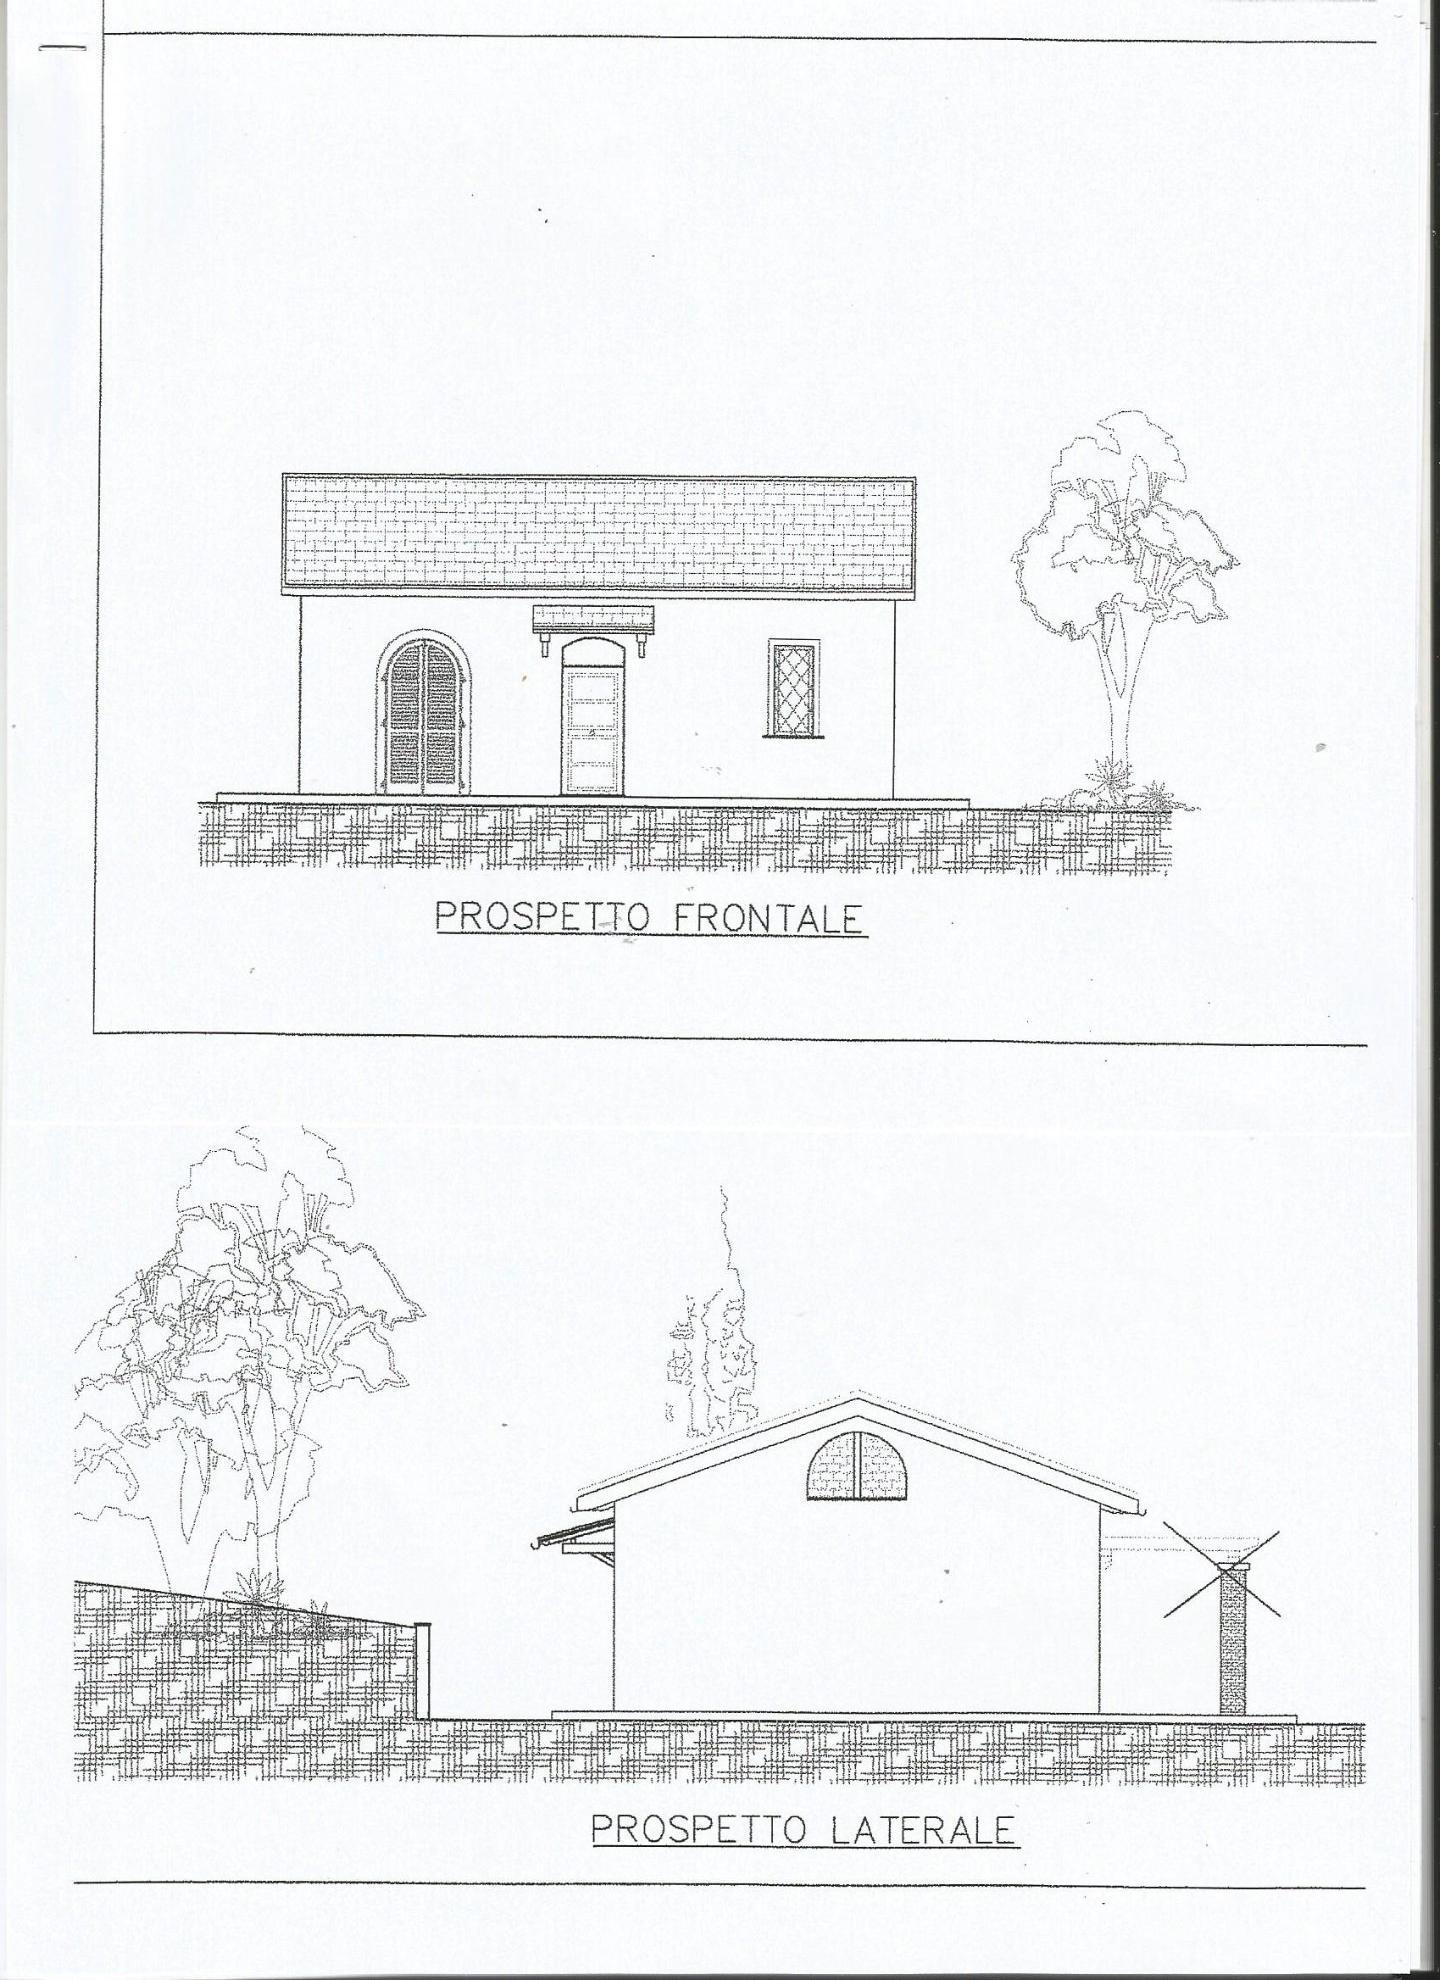 Terreno edif. residenziale in vendita a Capannoli (PI)